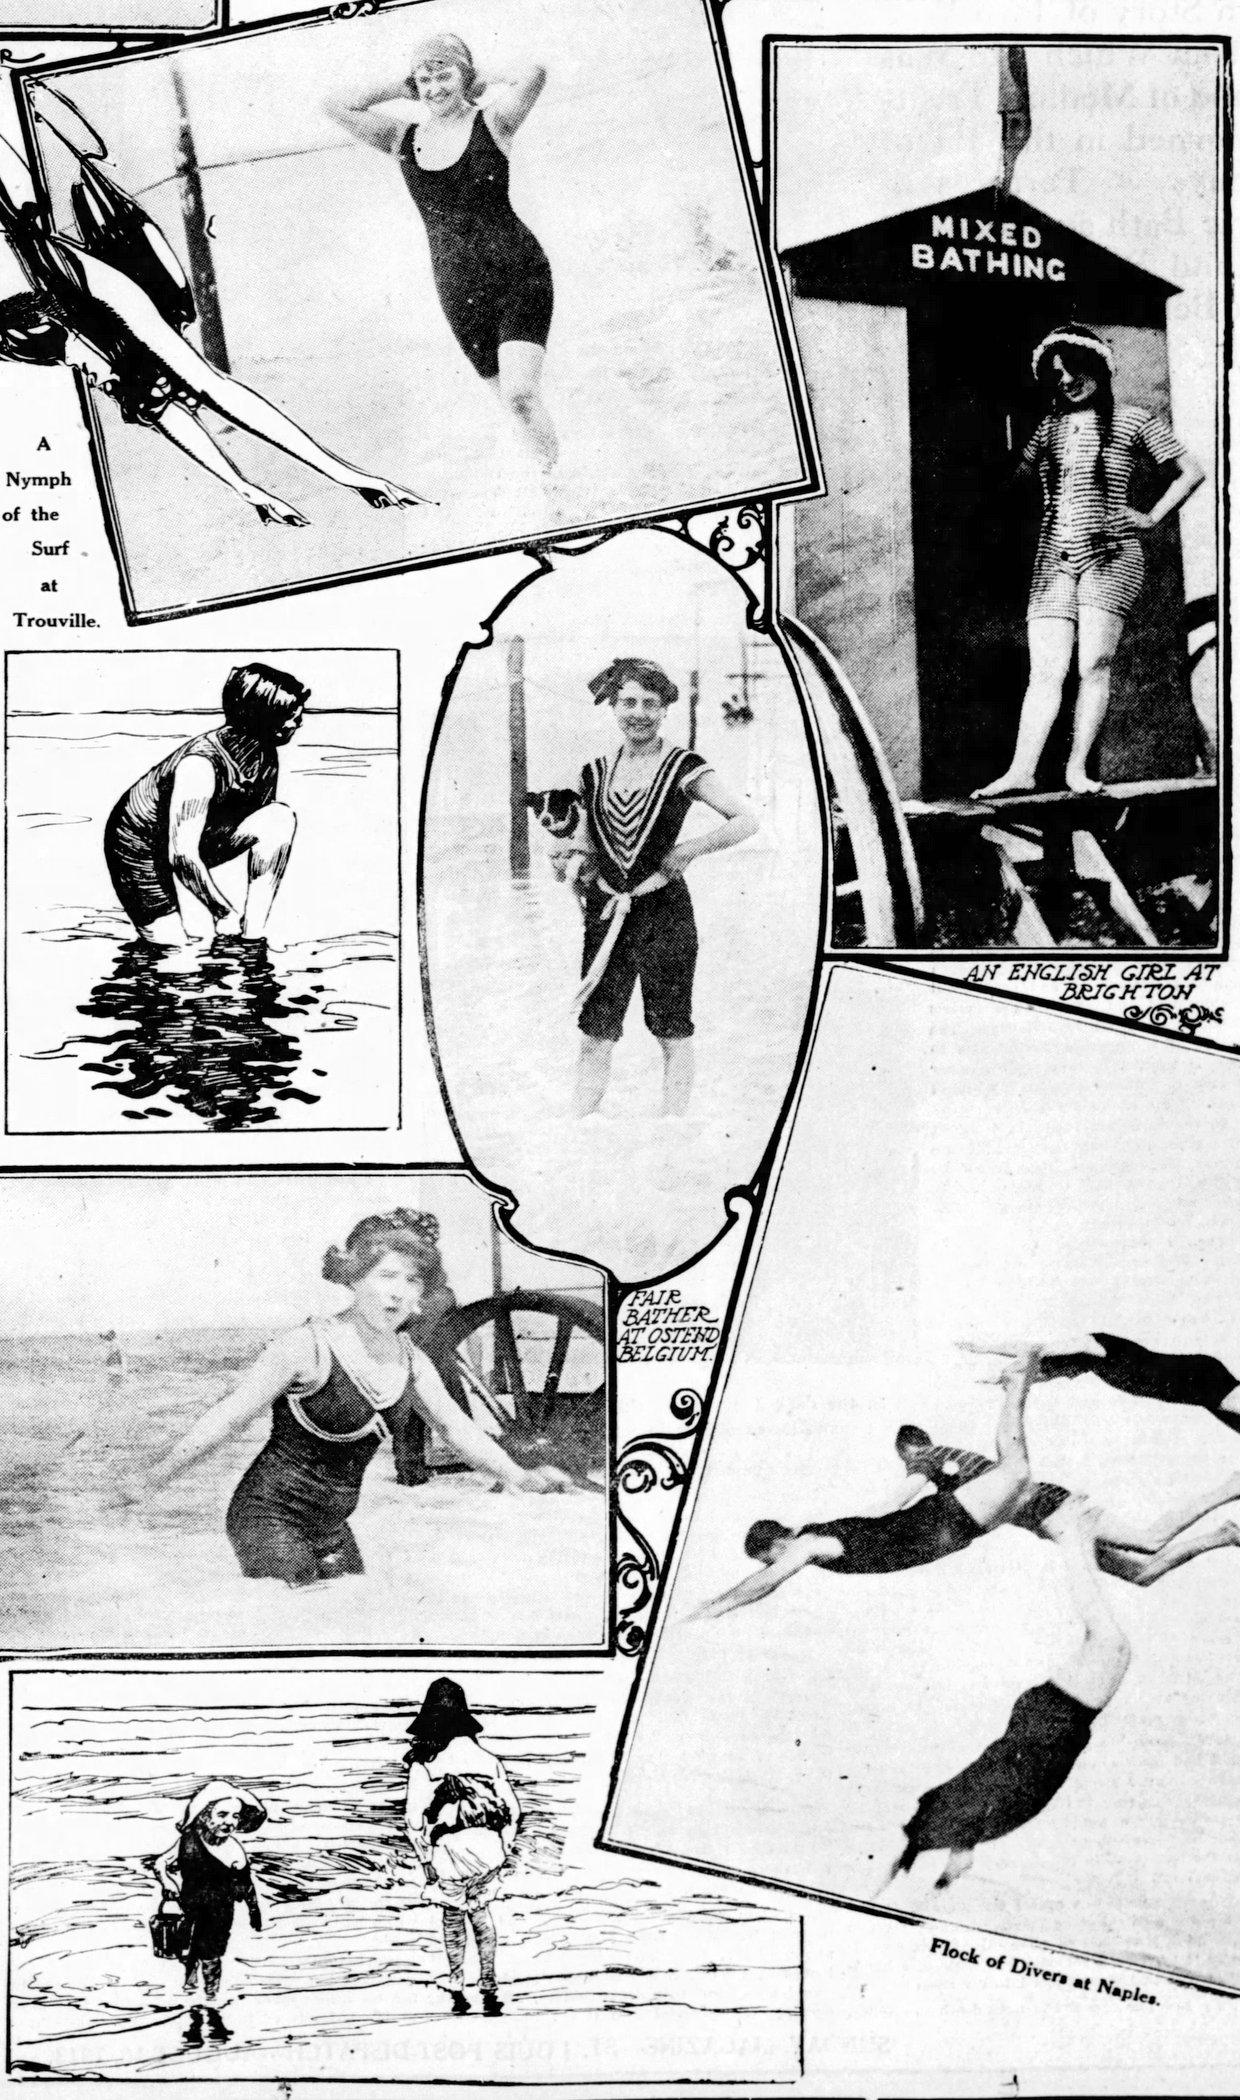 Men and women in vintage swimwear from 1913